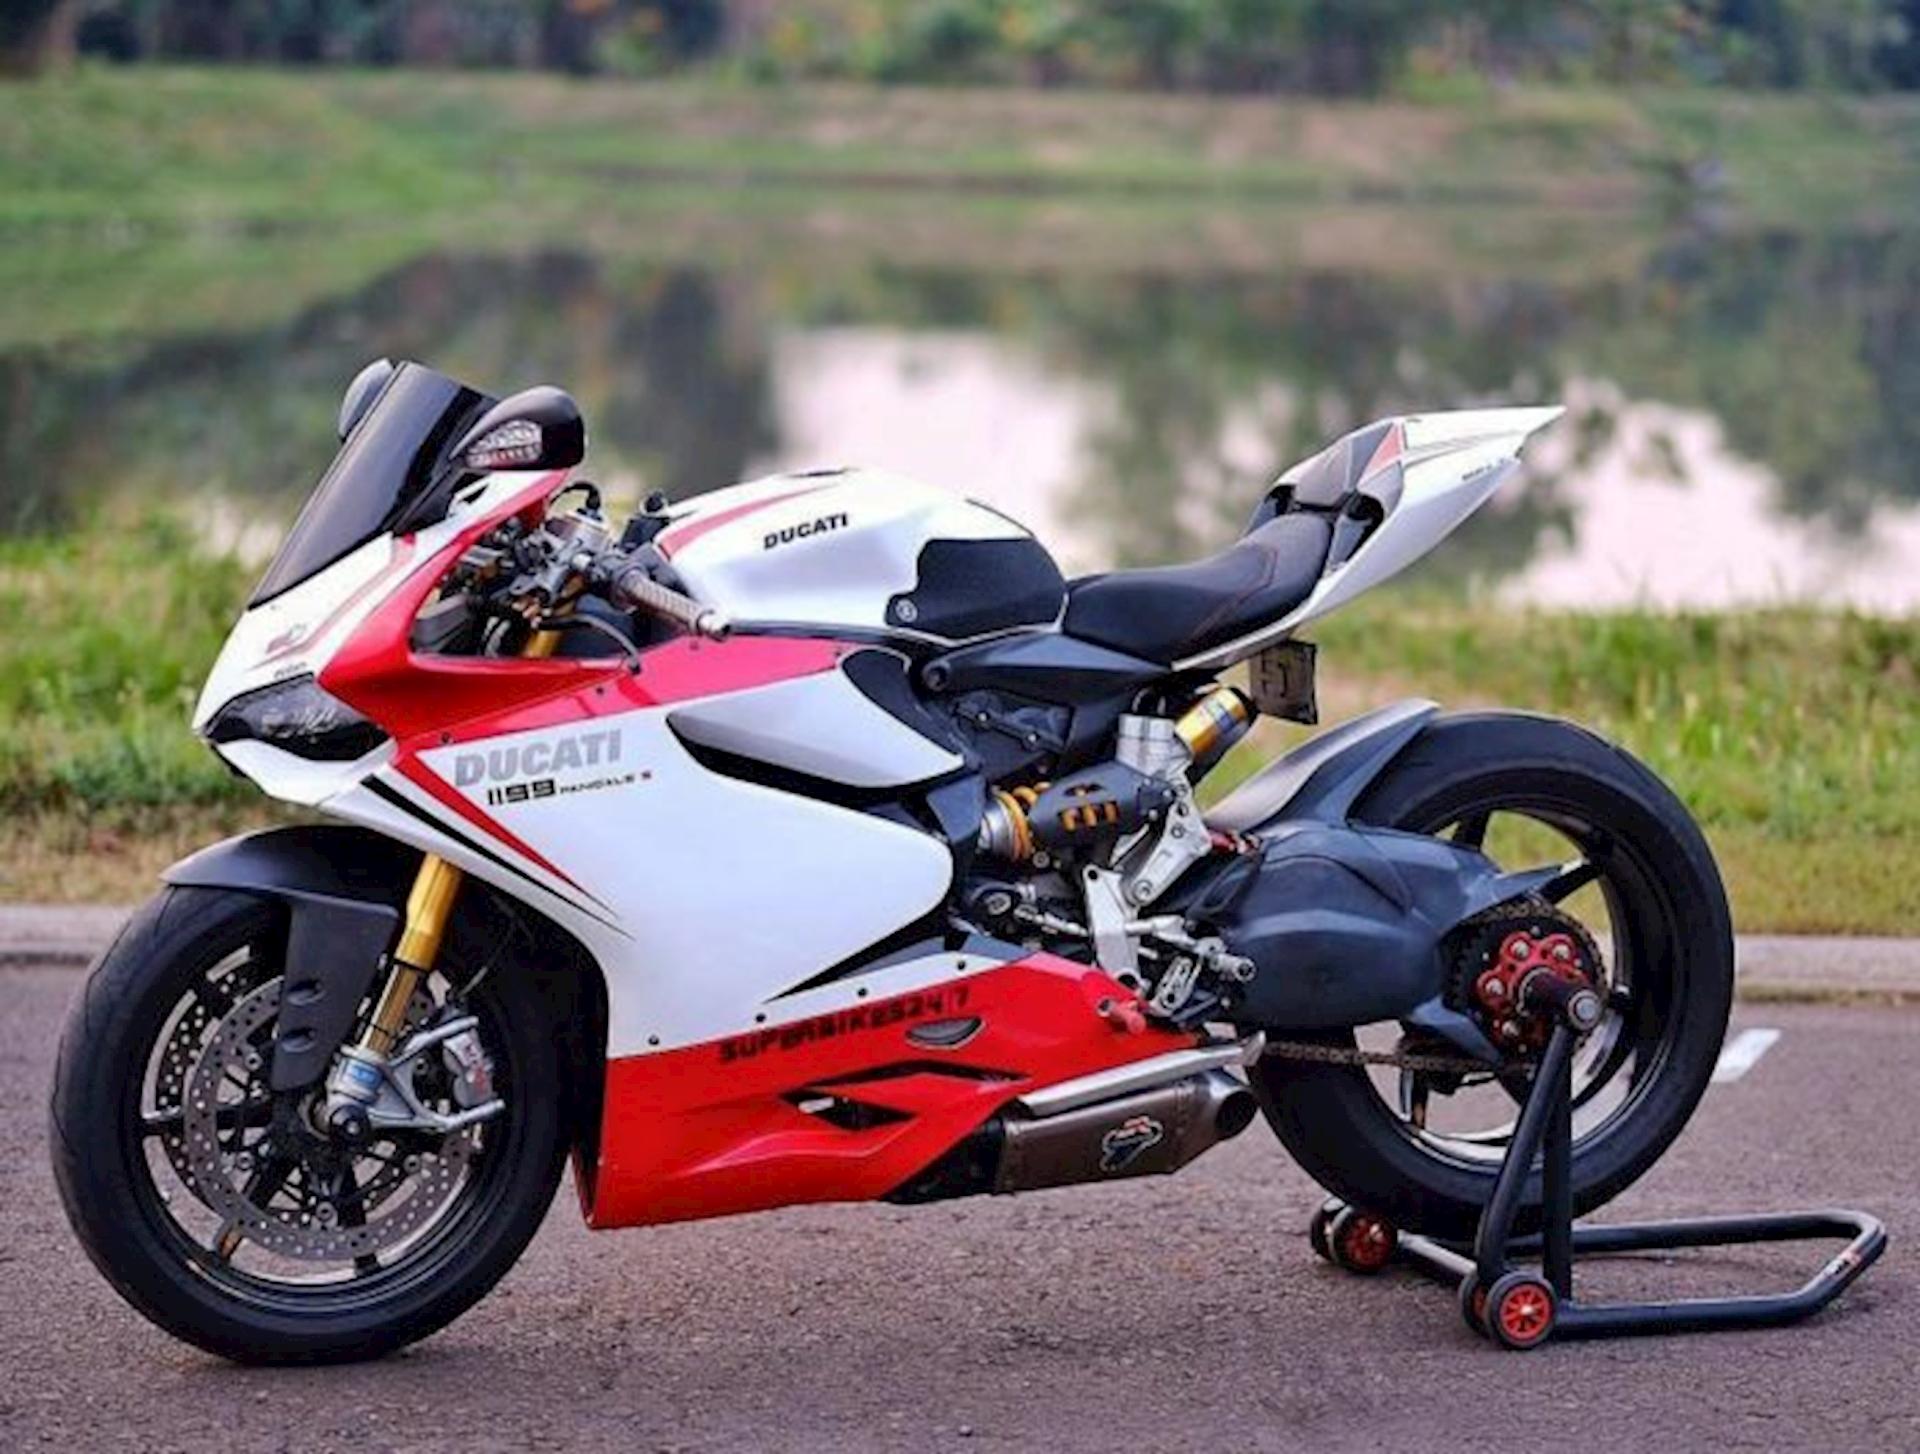 Ducati-cafeautovn-1